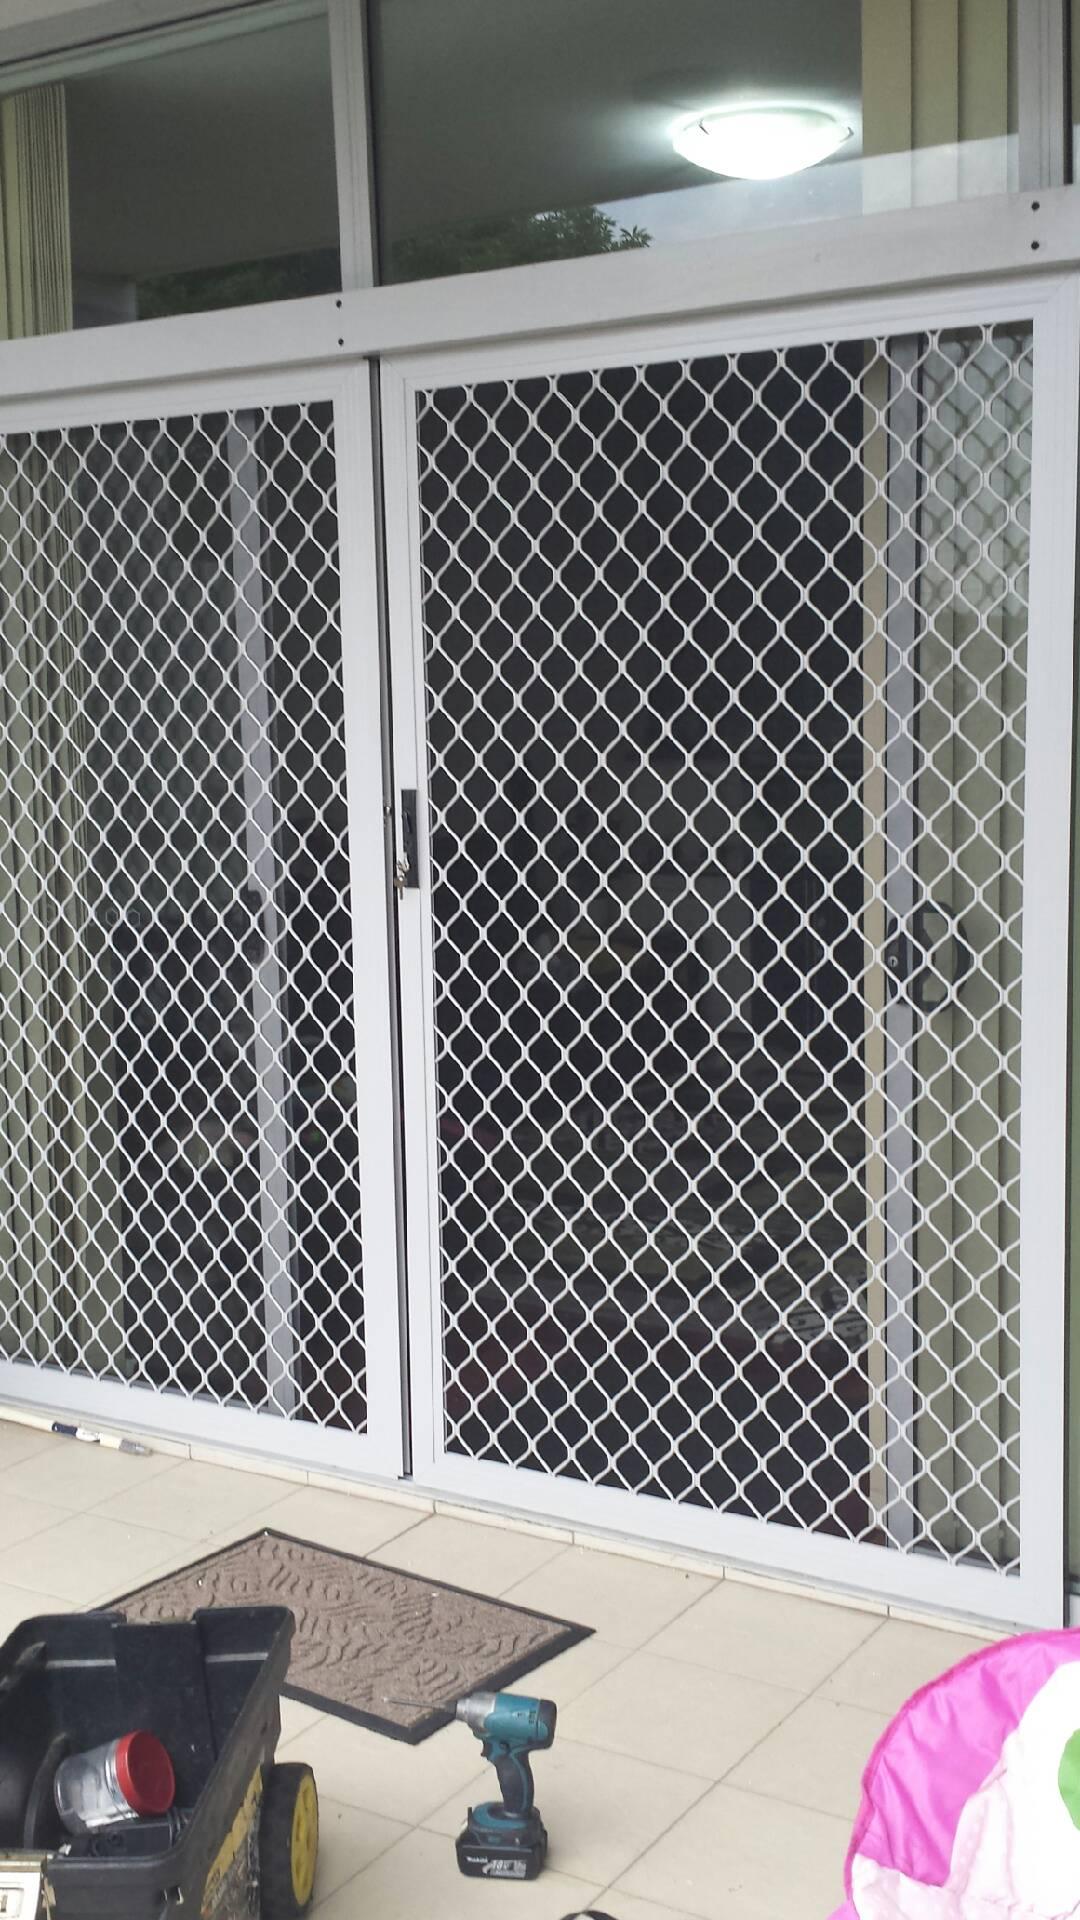 Double Hung Window Security : Del pilar dp doors security sydney